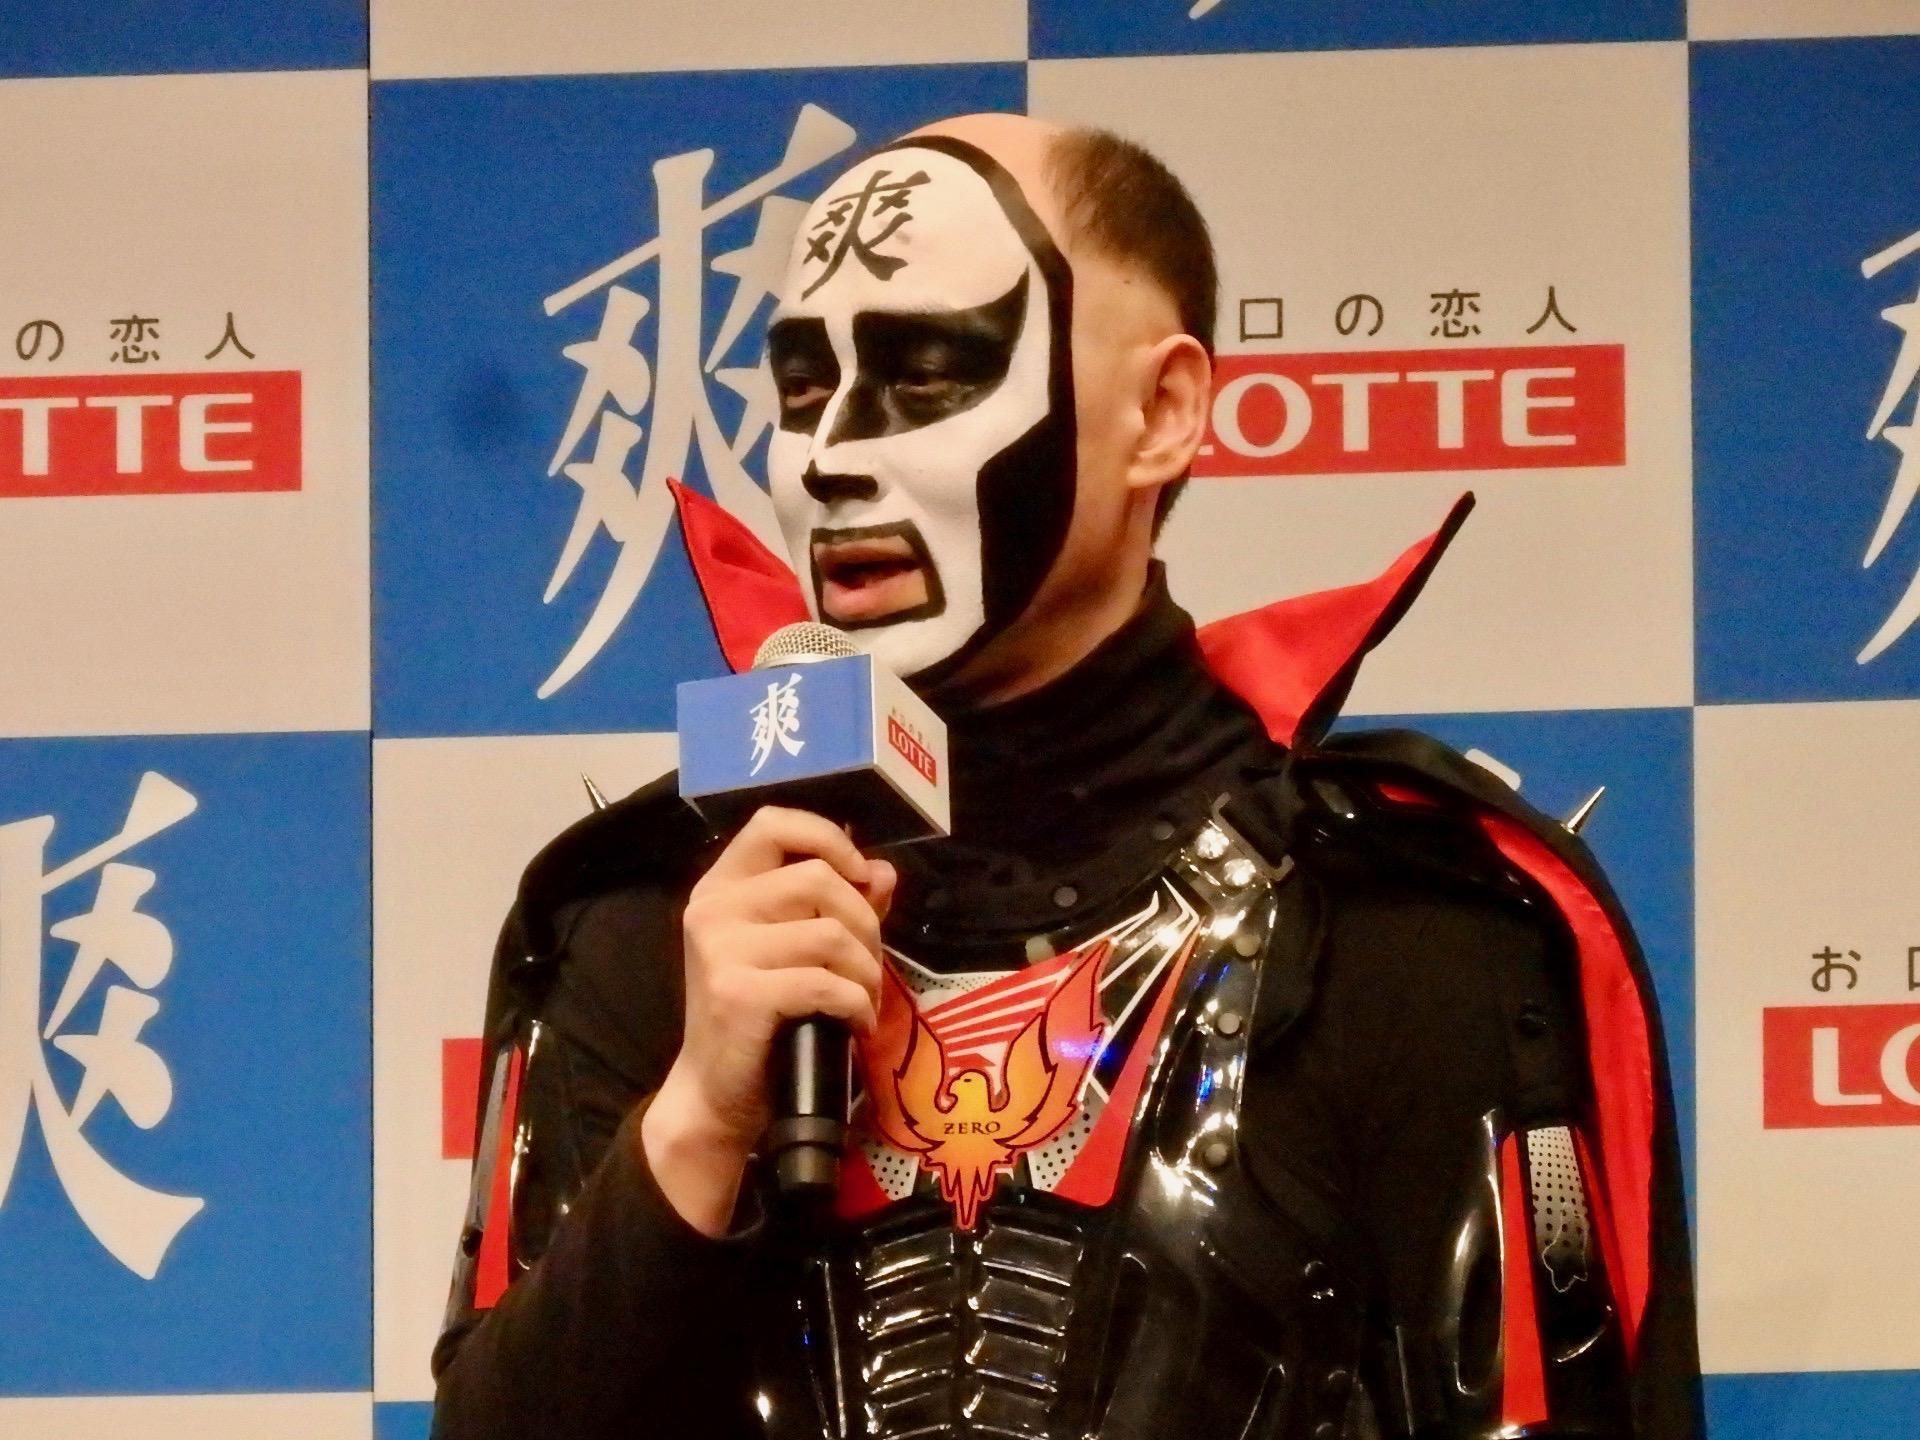 http://news.yoshimoto.co.jp/20180612211929-71ea285ac6484bb97bf1b9541449fd75a7214dc1.jpg